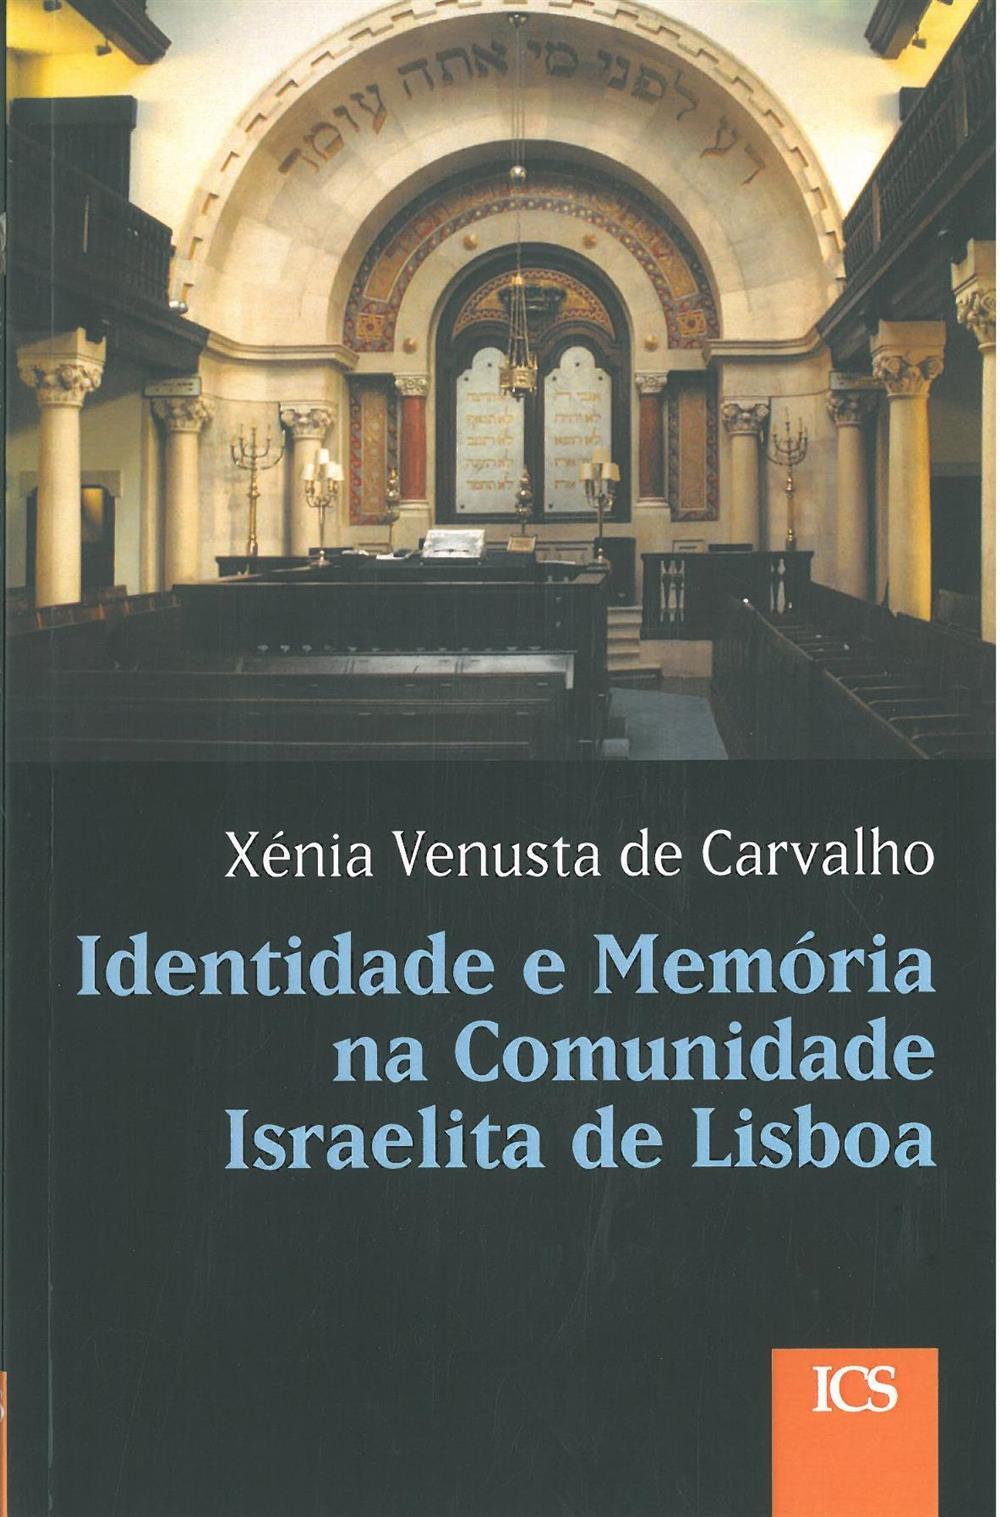 Identidade e memória na comunidade Israelita de Lisboa_.jpg